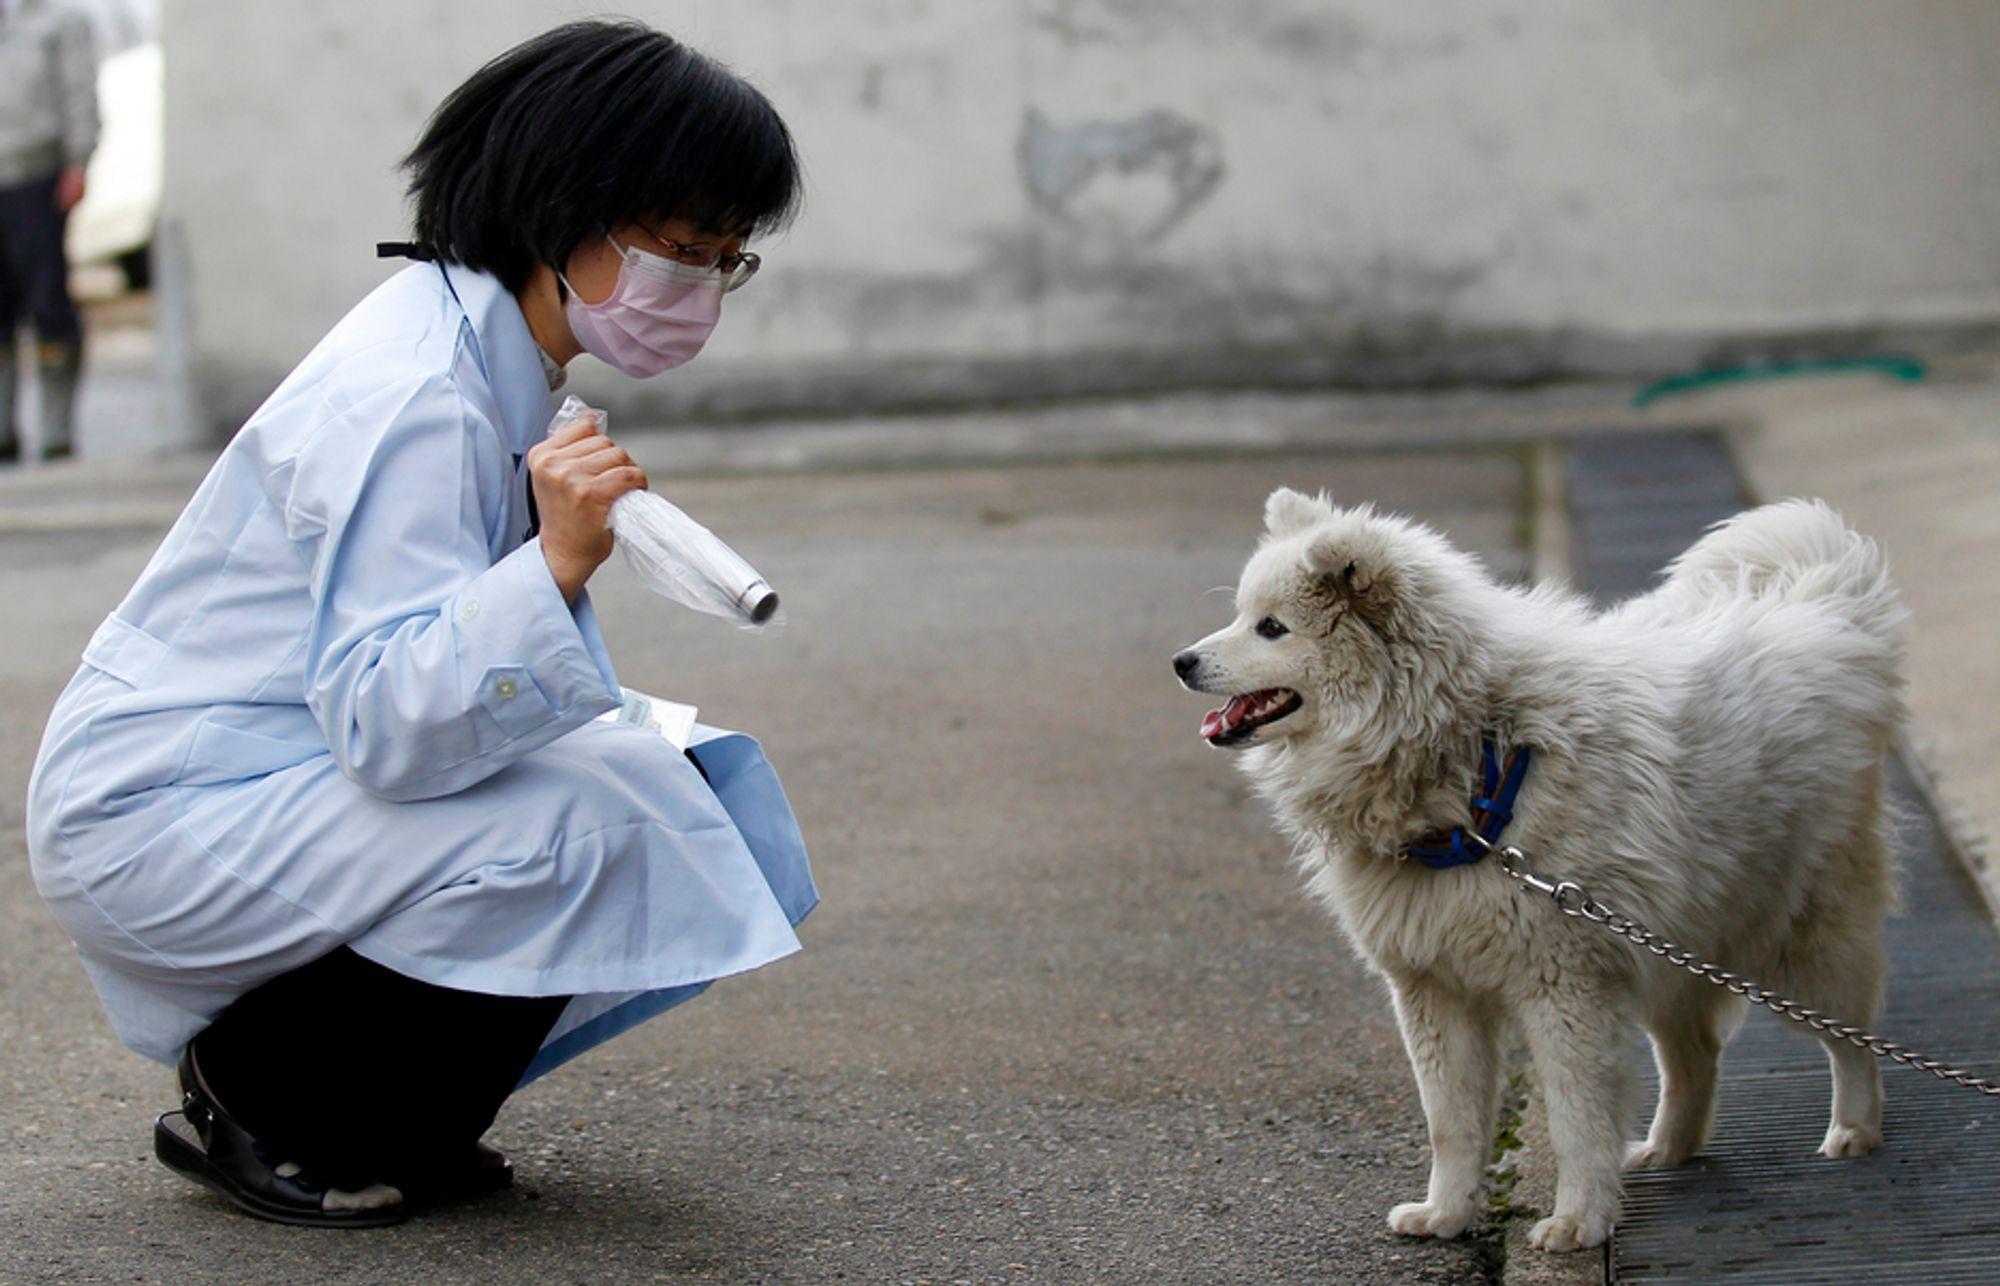 MÅLER STRÅLING: Doktor Keiko Yamada sjekker en hund fra Fukushima for radioaktivitet i Yonezawa rundt 100 km unna. I går skjedde et nytt skjelv som skal ha ført til lekkasjer av radioaktivt vann ved et annet kjernekraftverk.